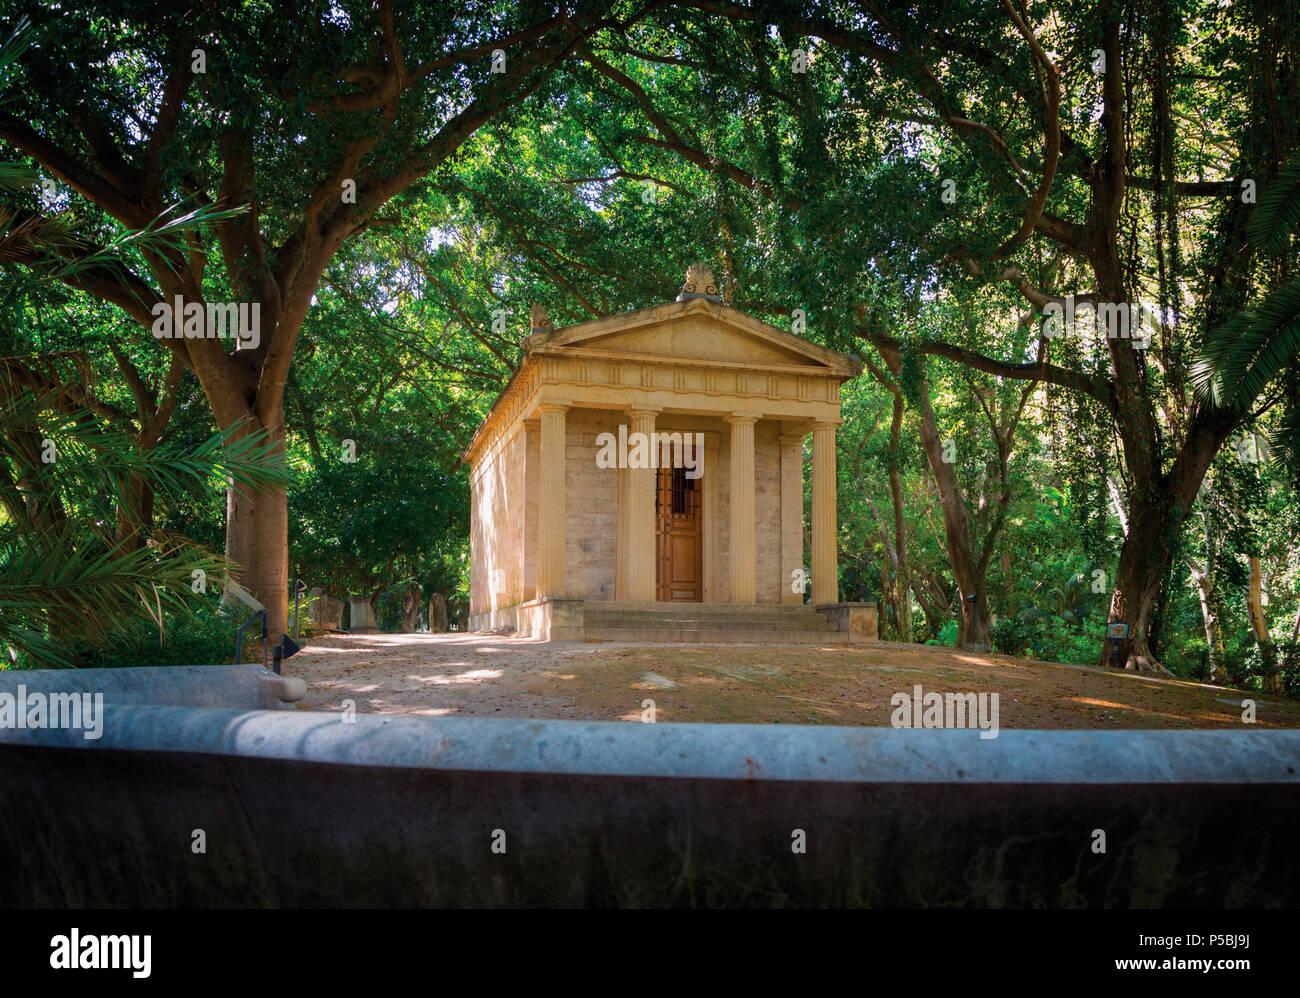 Malaga, Costa del Sol, Provinz Malaga, Andalusien, Südspanien. El Jardín Botánico-Histórico La Concepción. La Concepcion Historical-Botanical G Stockbild